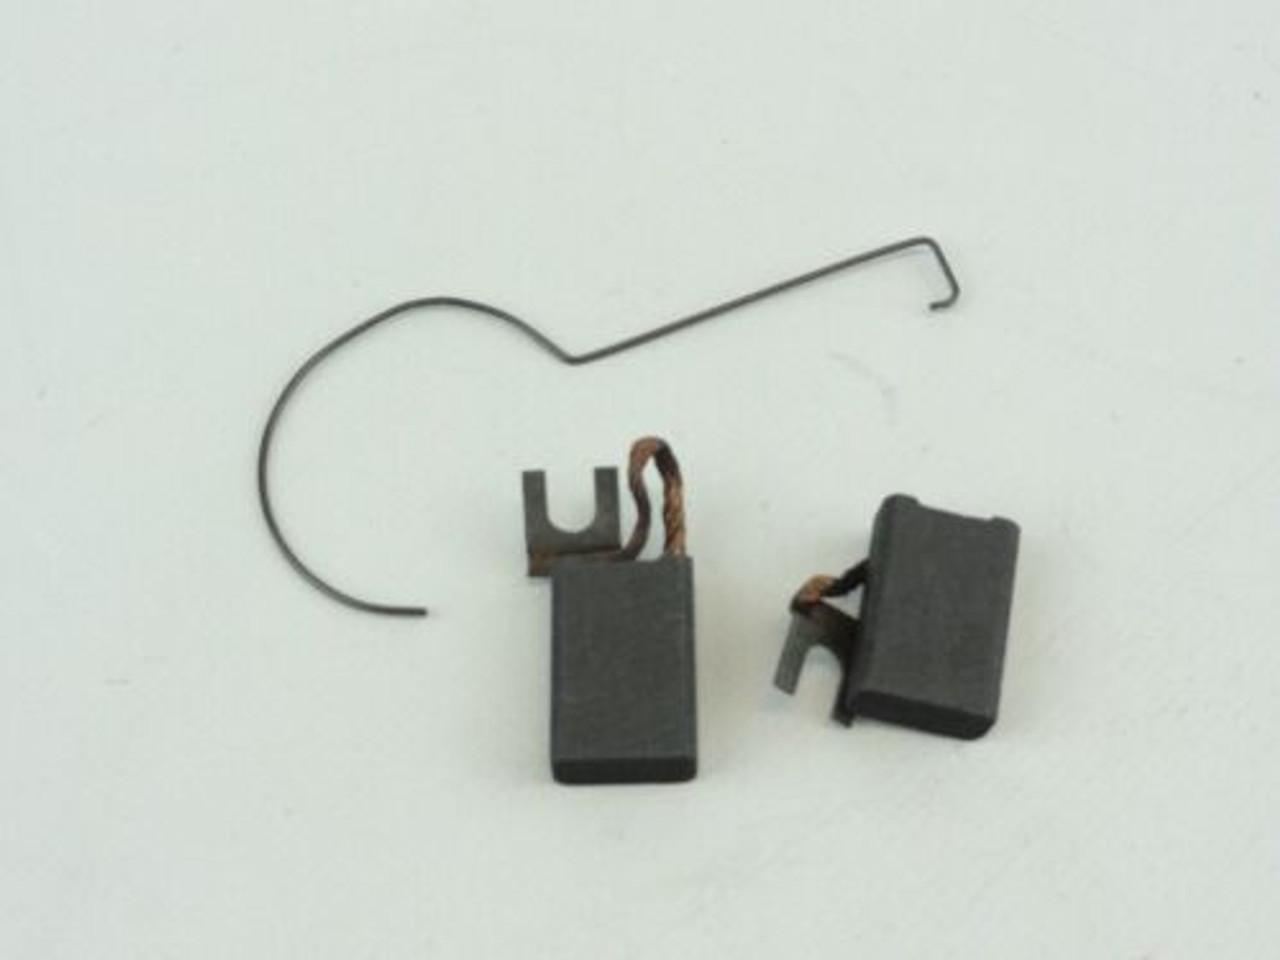 Bosch New Genuine OEM Brush Set #1617014113 for Older Style Brute 11304 Hammer